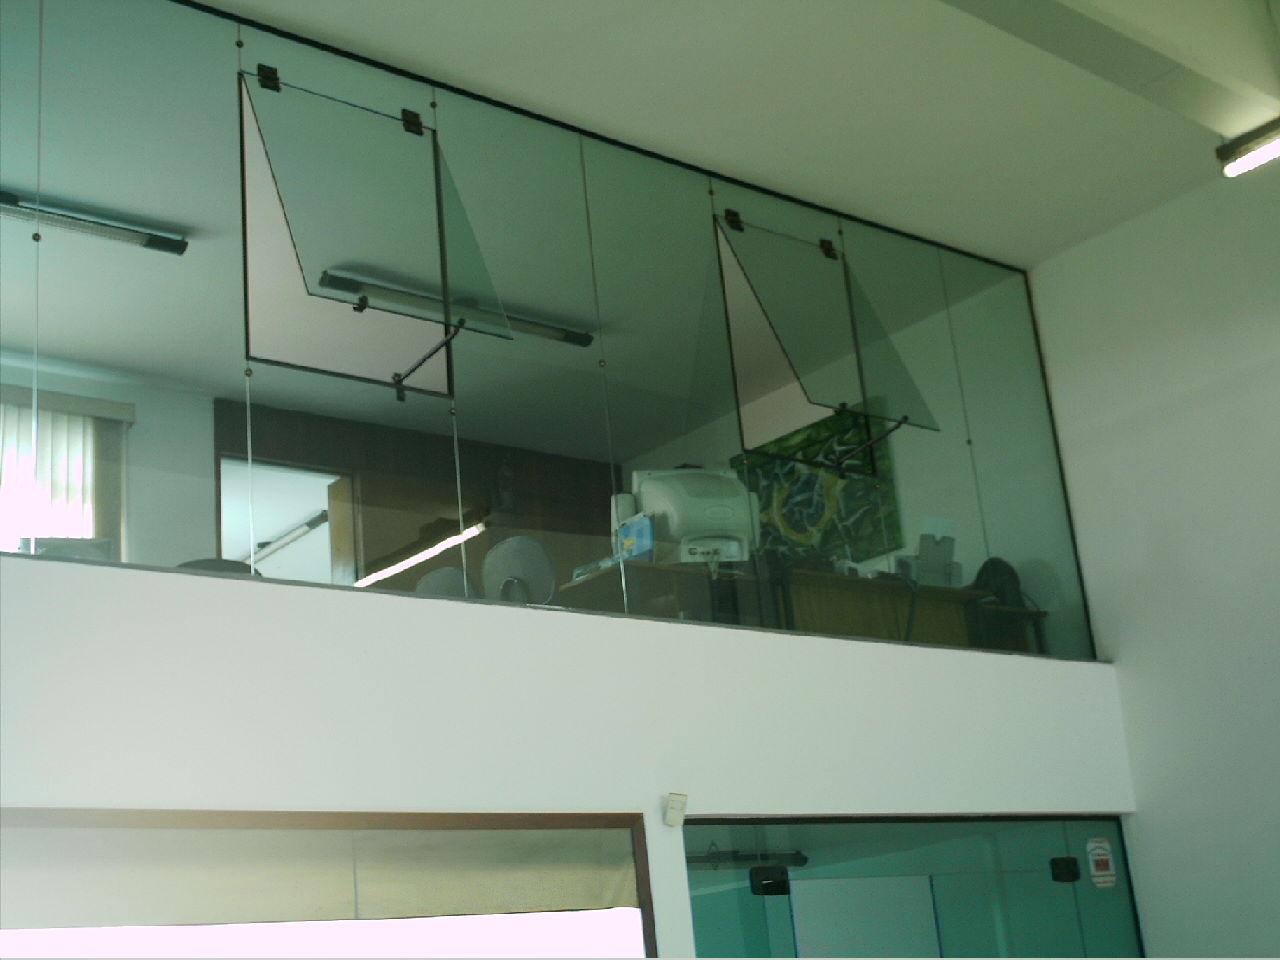 #5A4F39 Klein Vidraçaria e Esquadrias de Alumínio: maxim ar e basculante 100 Janelas De Vidro Em Hortolandia